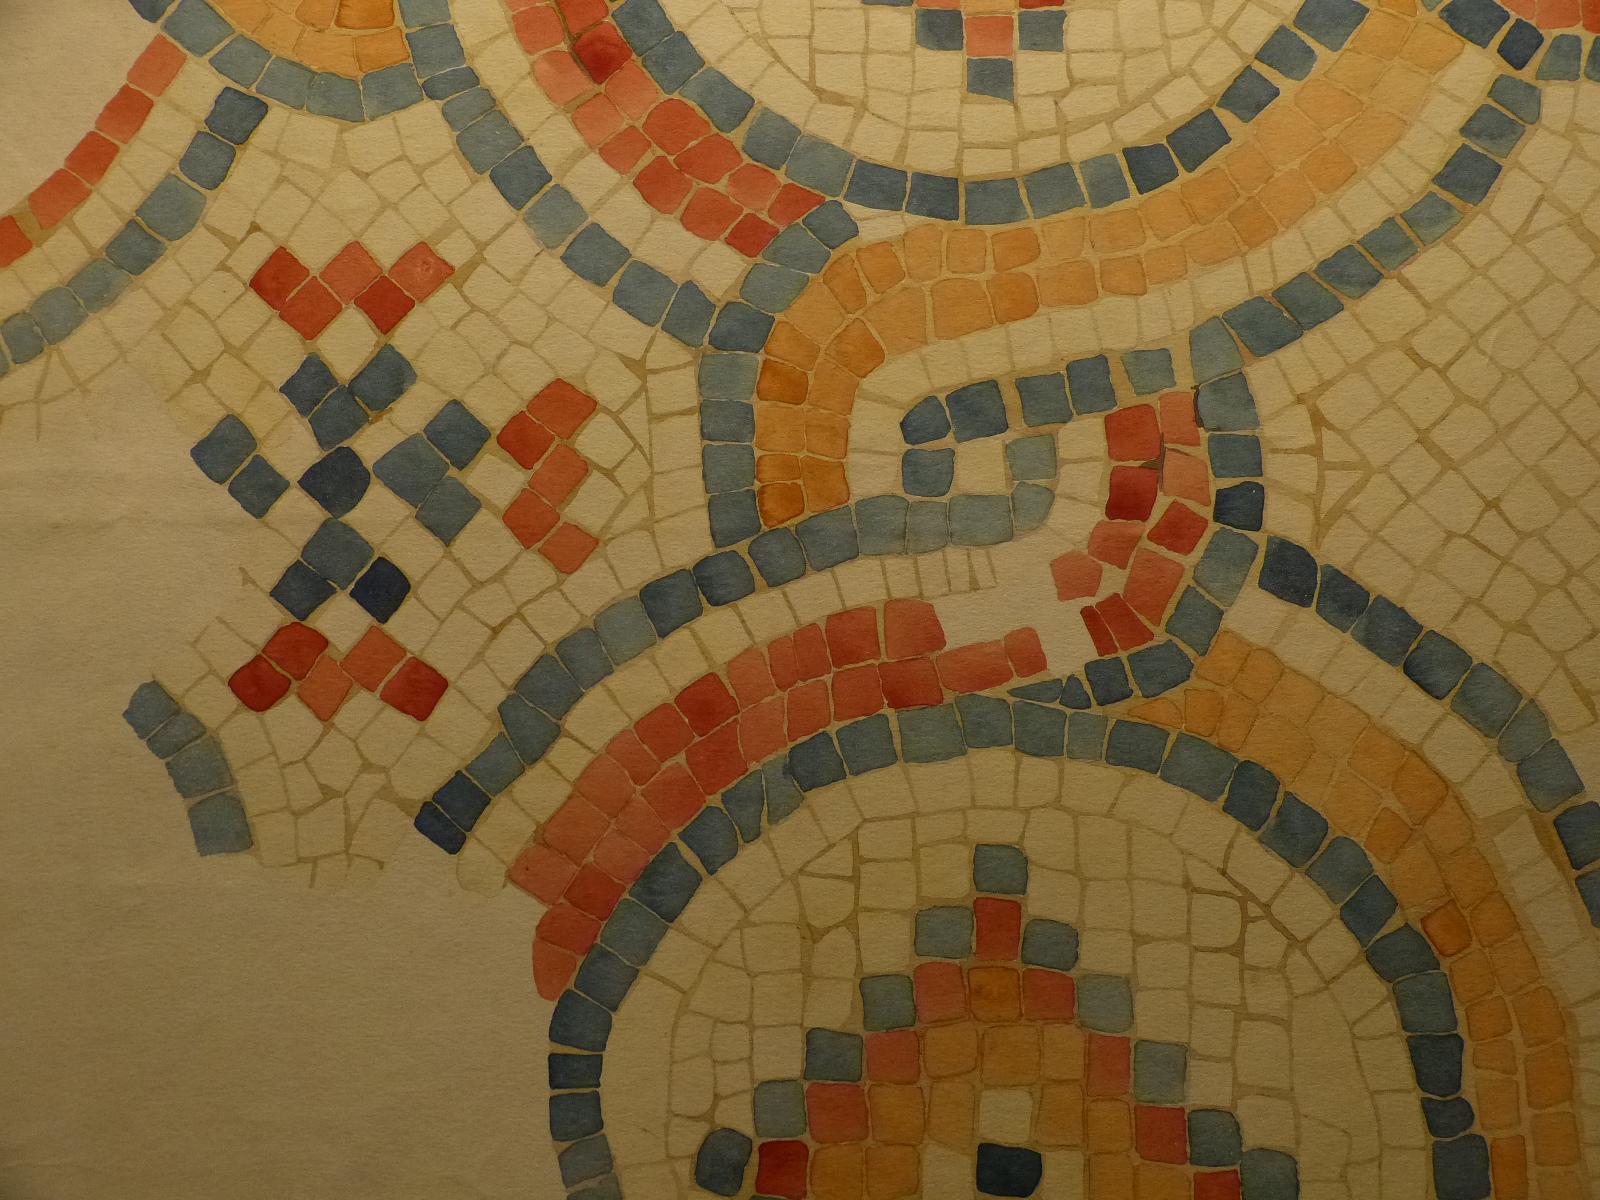 Round Church Mosaic